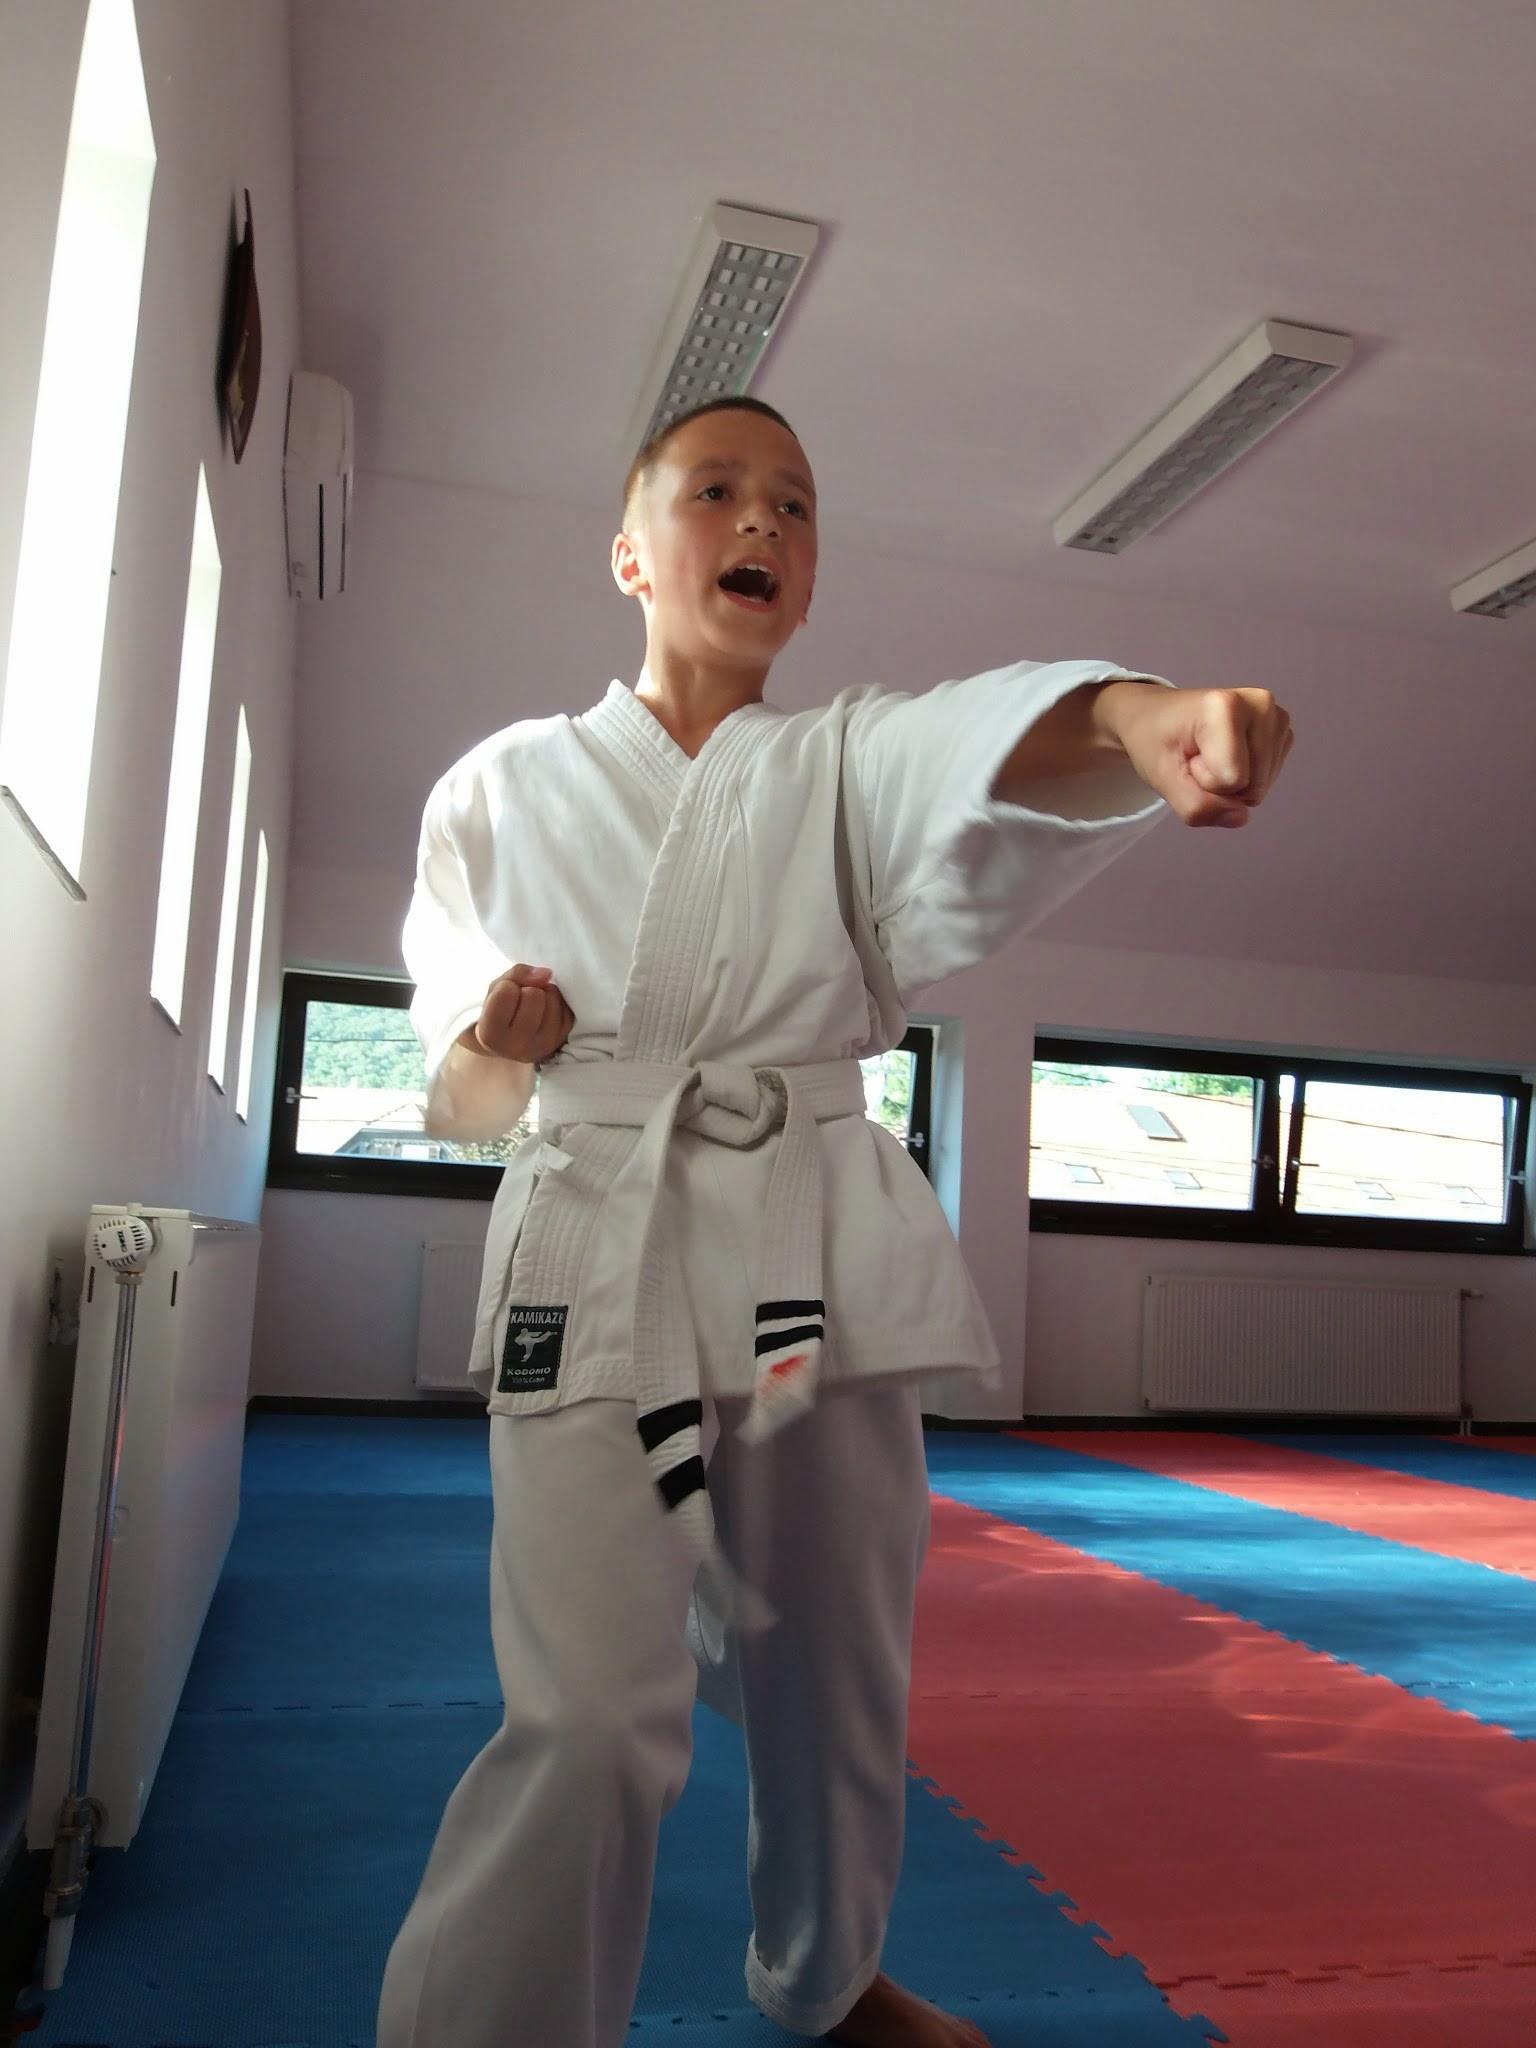 Madarász Viktor a kismarosi karatecsoport övvizsgáján 2014. június 13-án, melyen a sárga öv megszerzése volt a cél. - Fotó: Lucza Gergely